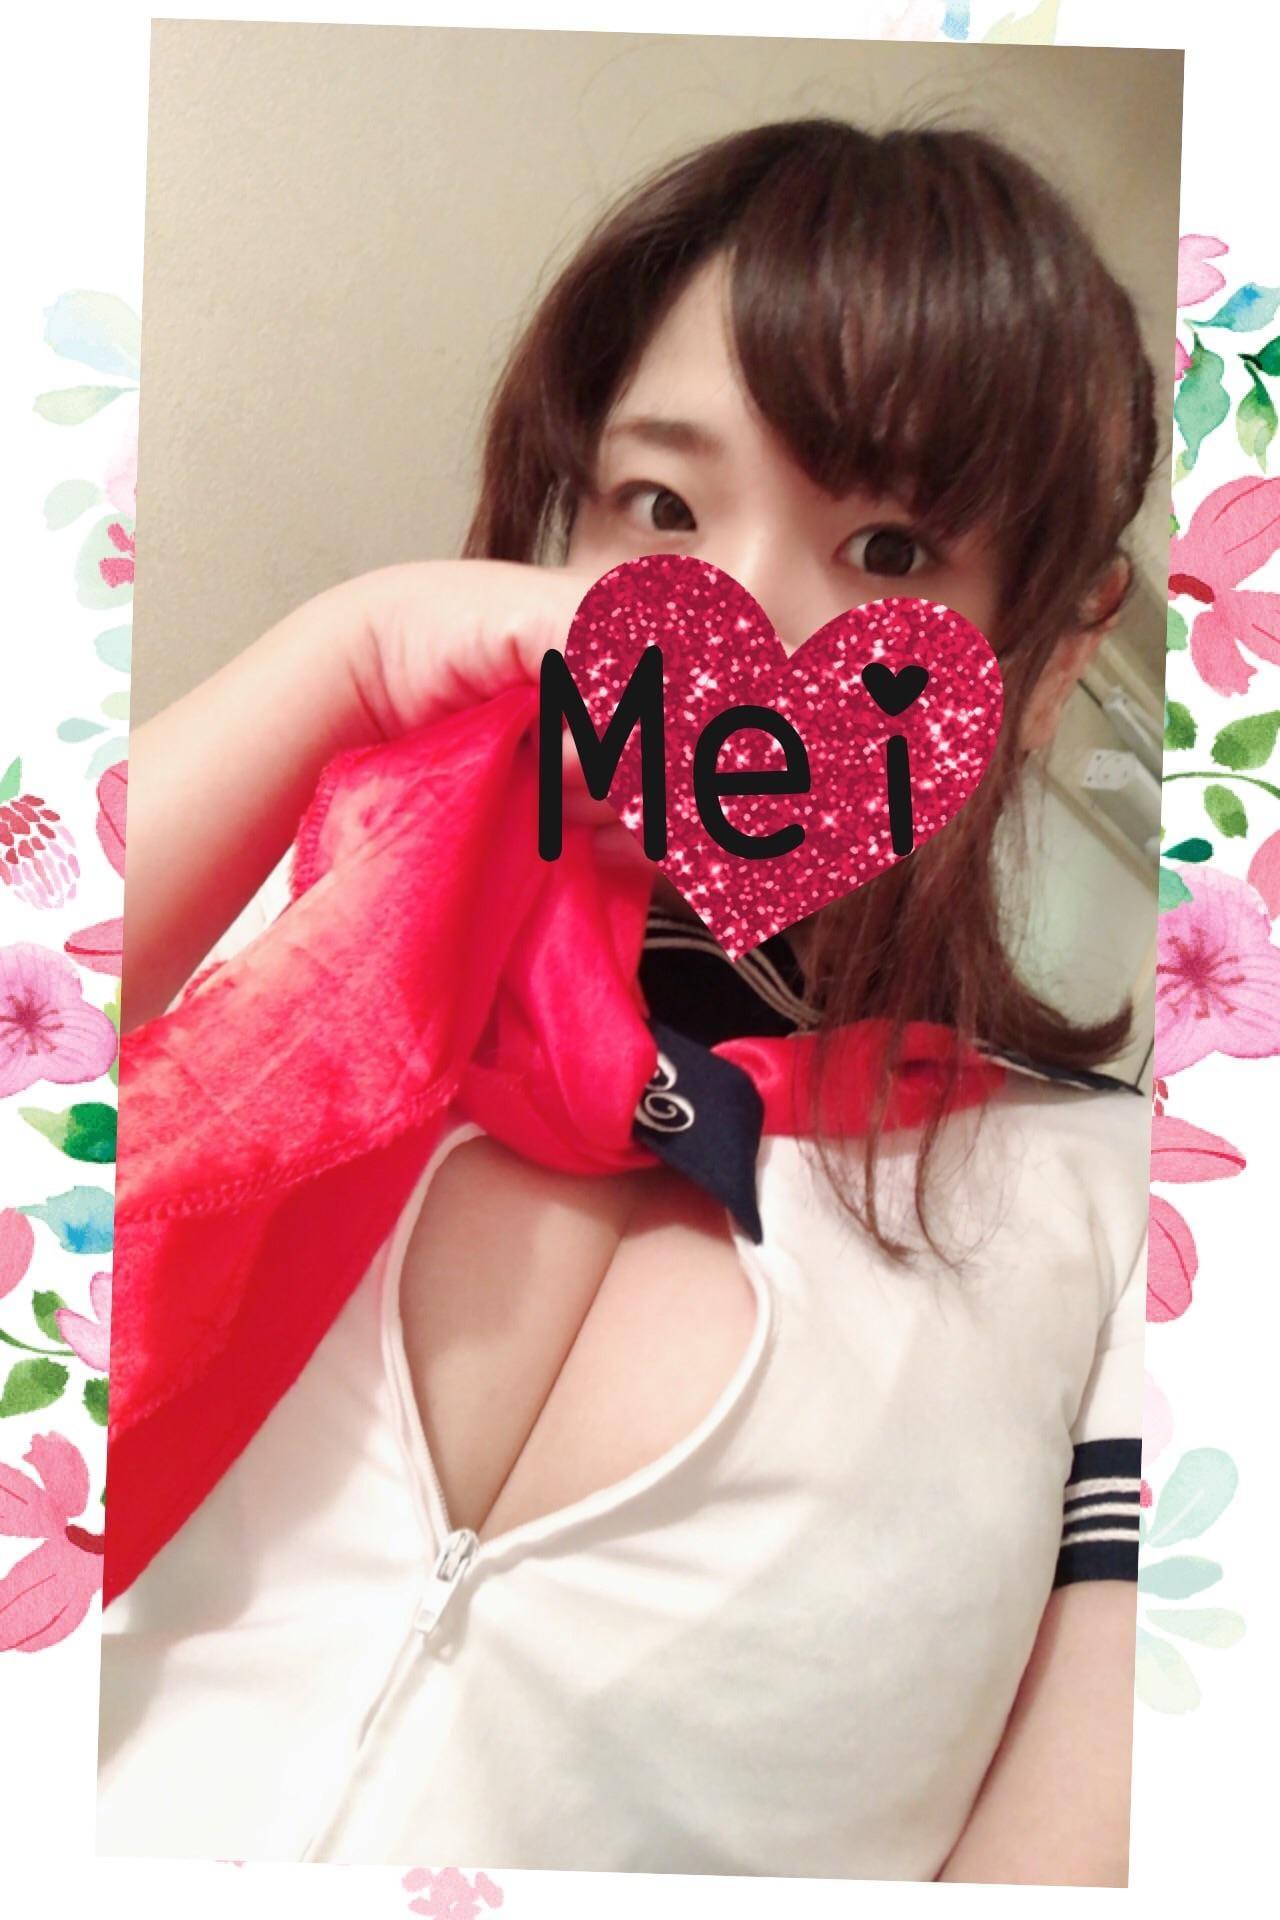 「こにゃにゃちわ〜⊂( *・ω・ )⊃」09/20(木) 15:04 | V☆めいの写メ・風俗動画